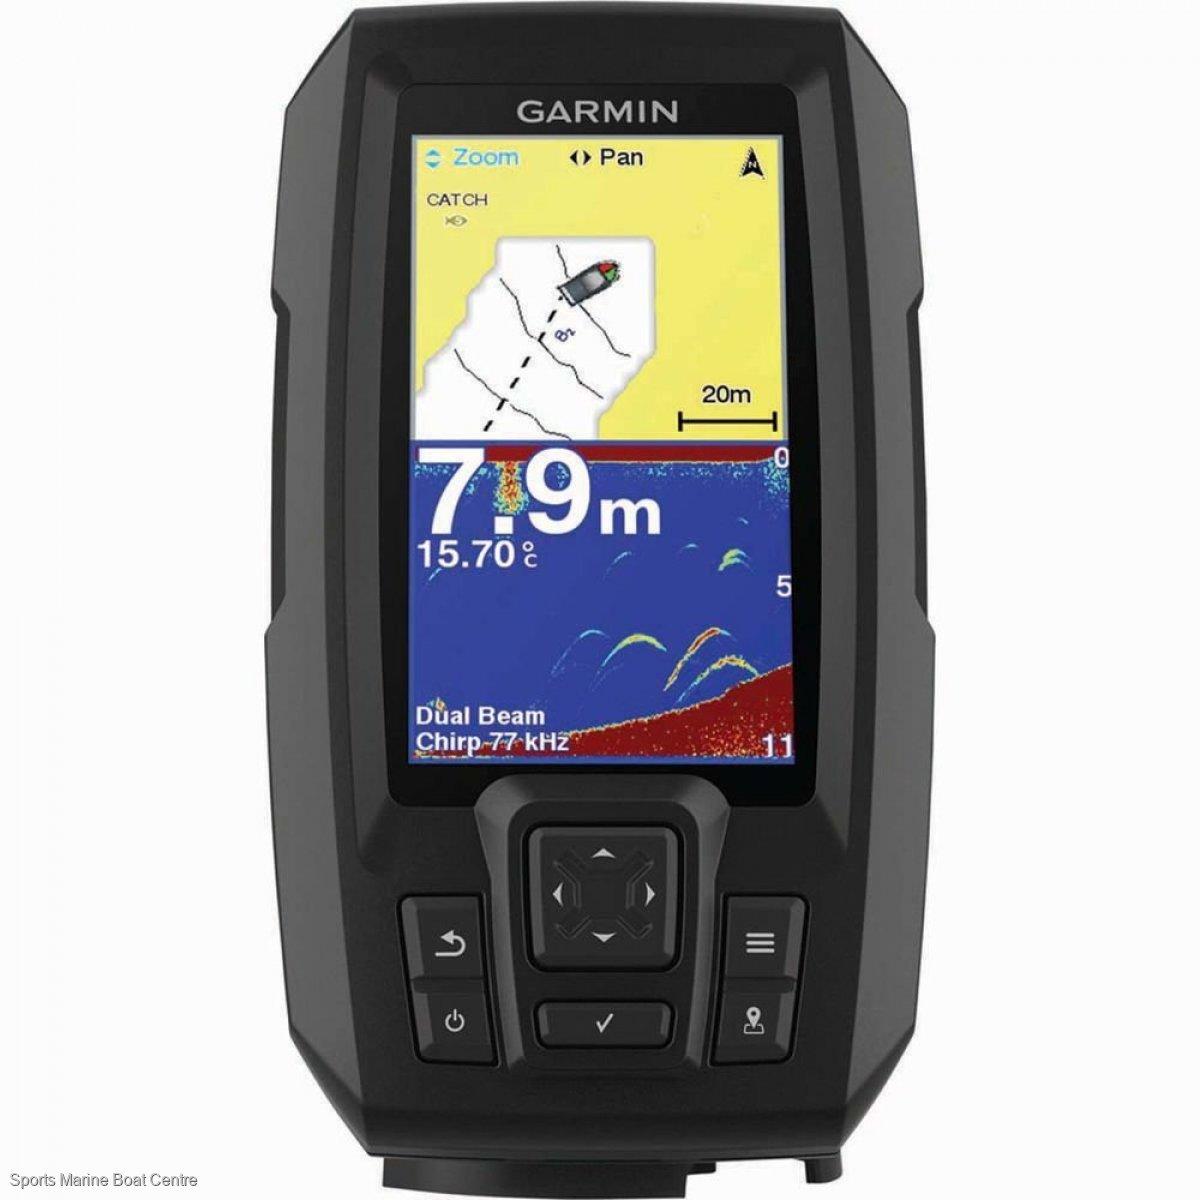 Garmin Striker Plus 4 fishfinder with GPS